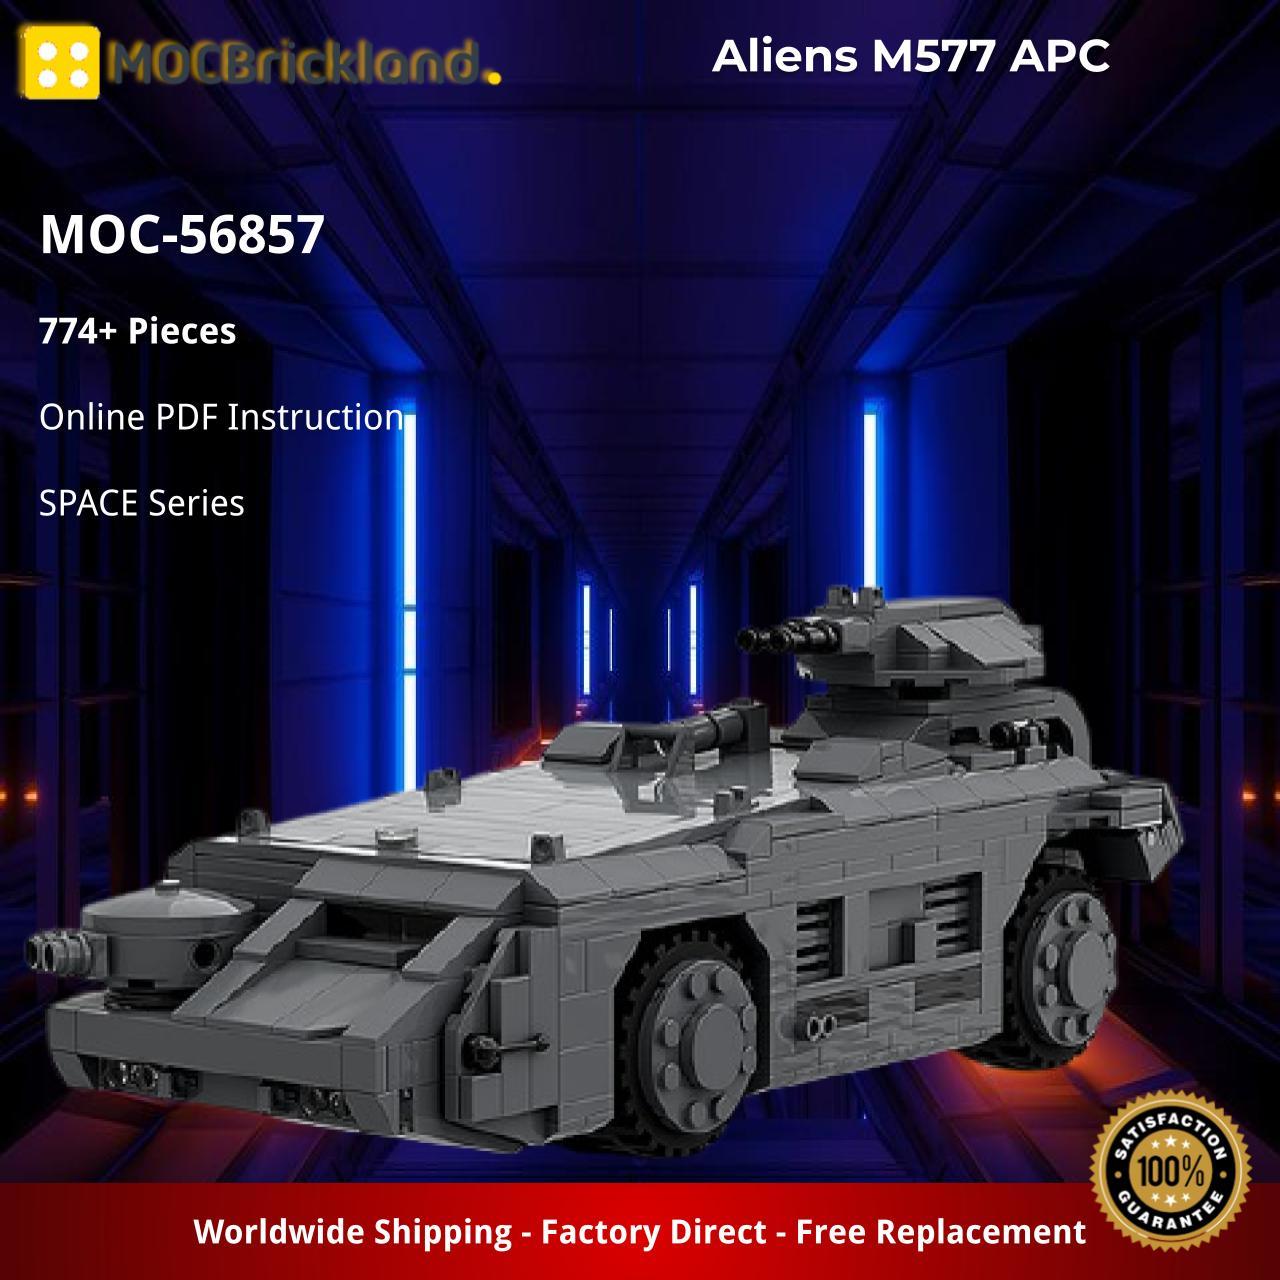 Aliens M577 APC SPACE MOC-56857 by Rick Brickham with 774 pieces